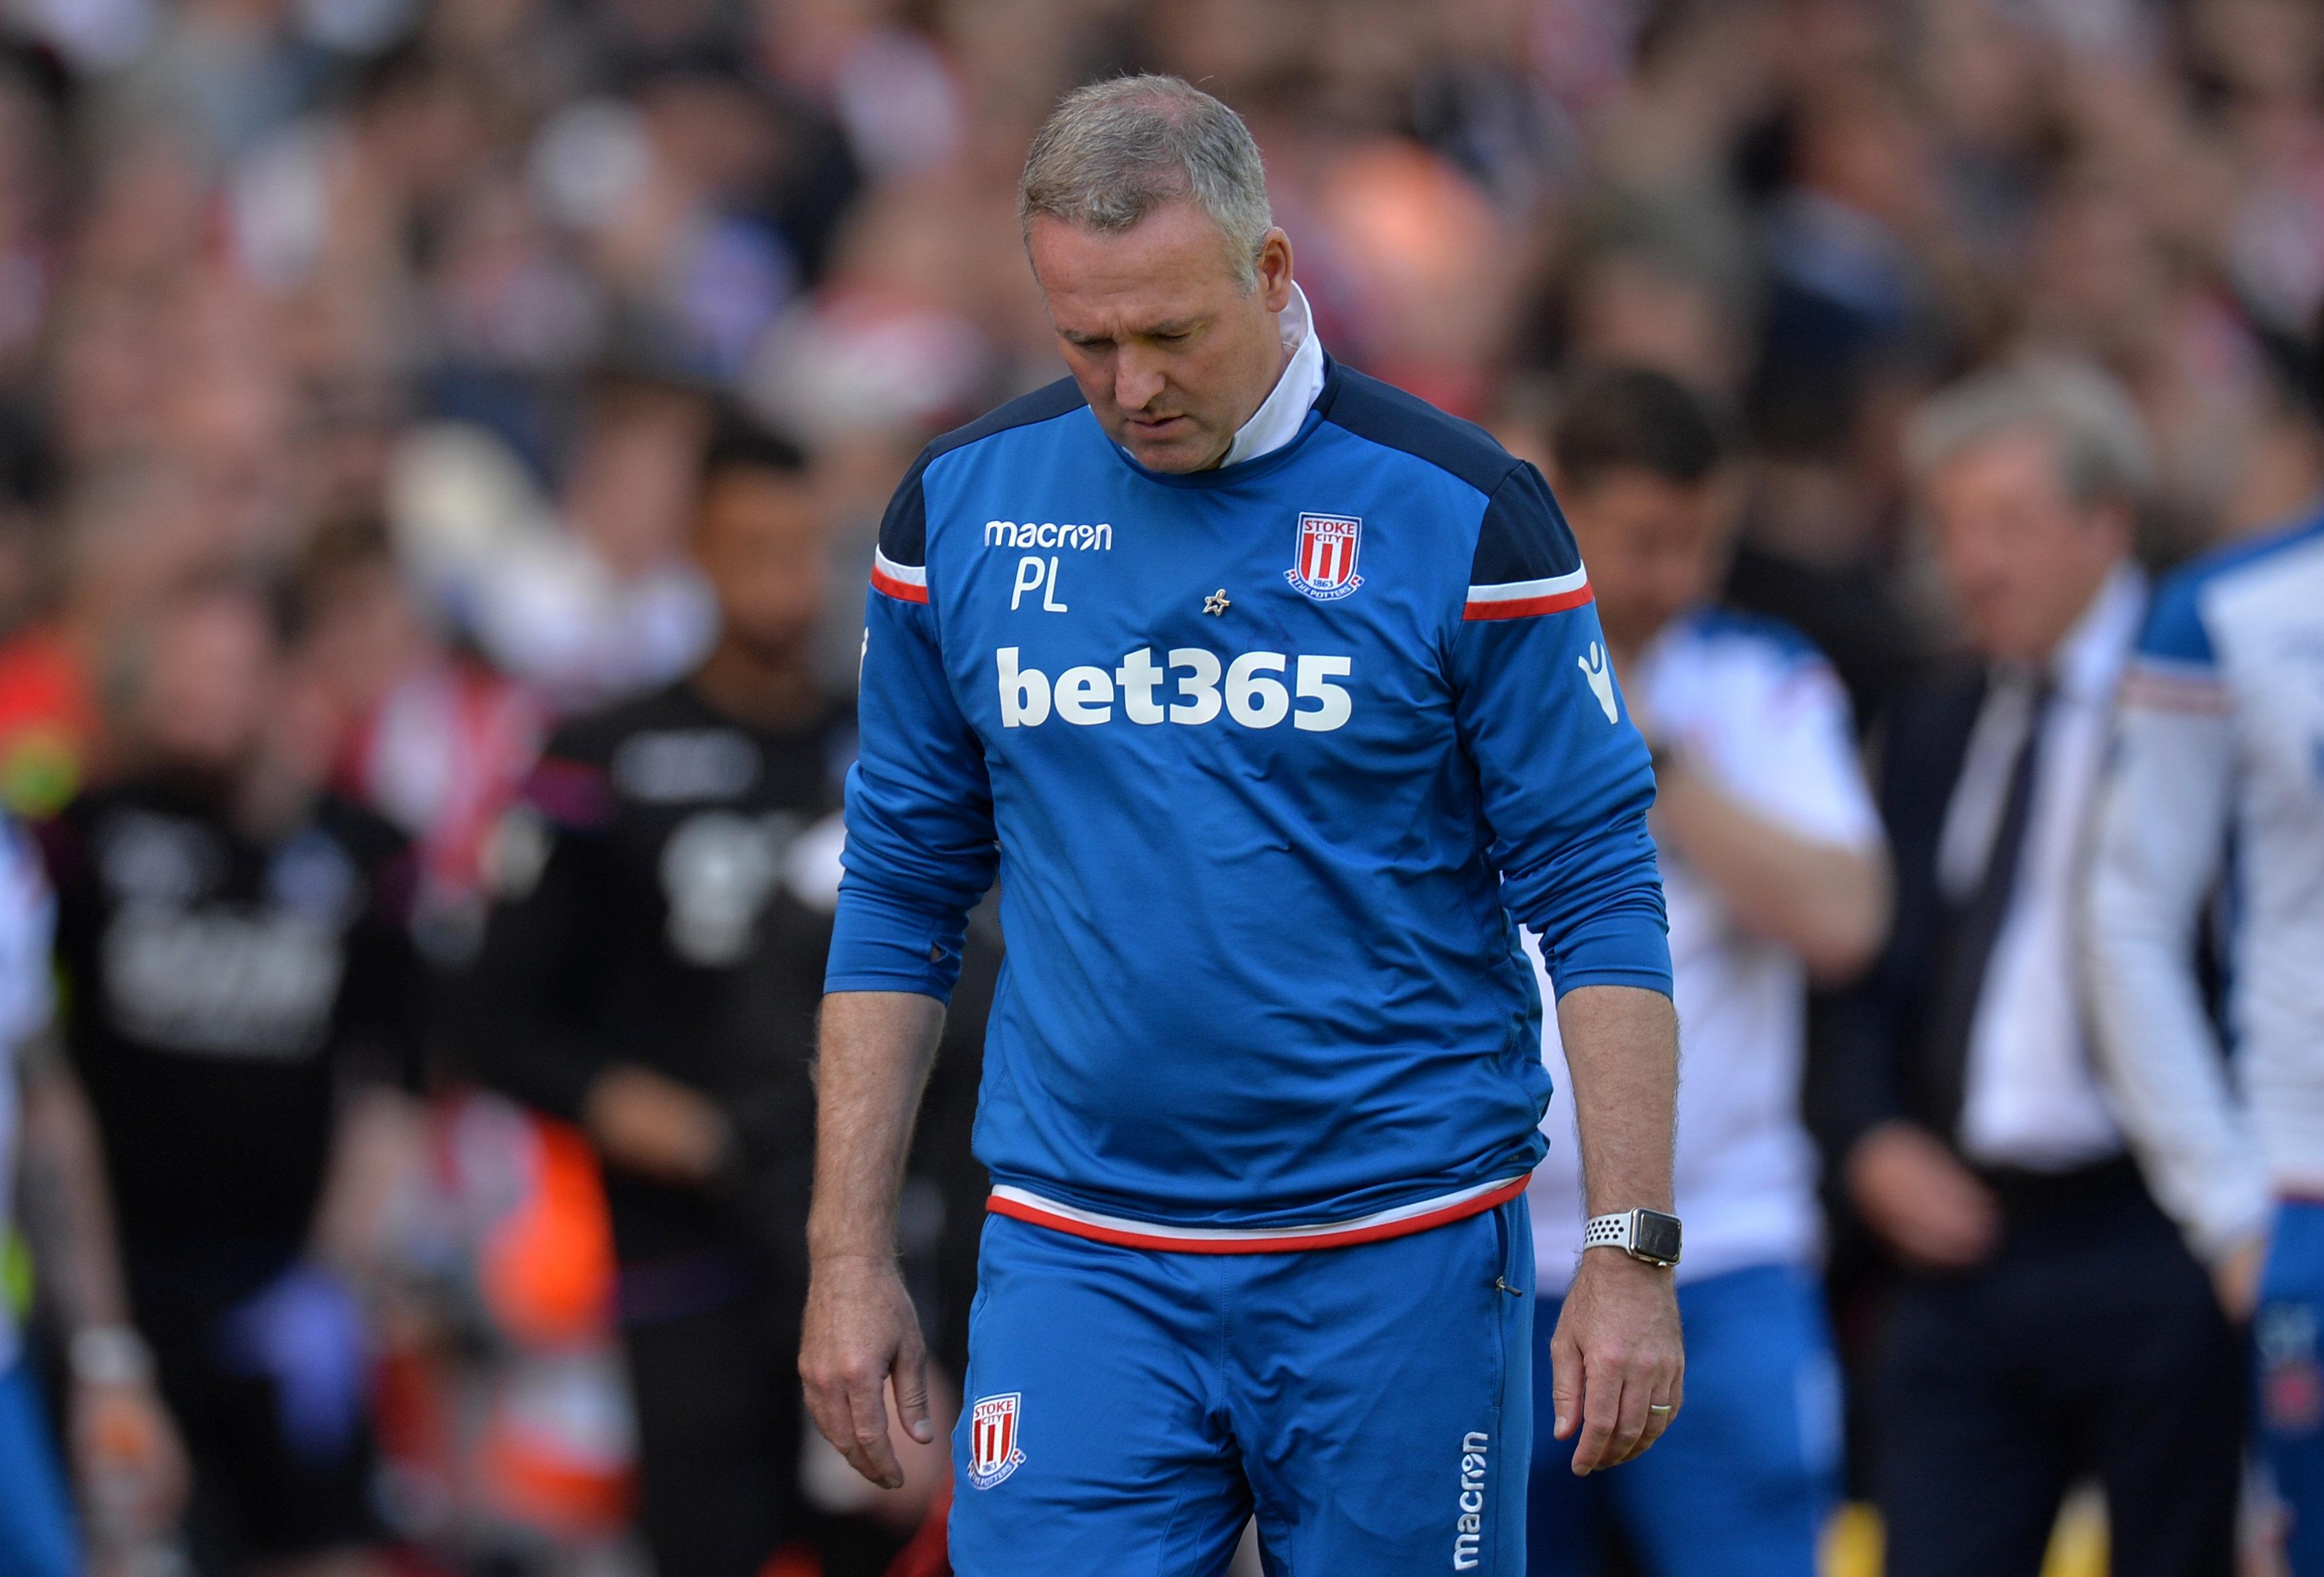 Lambert cut a despondent figure